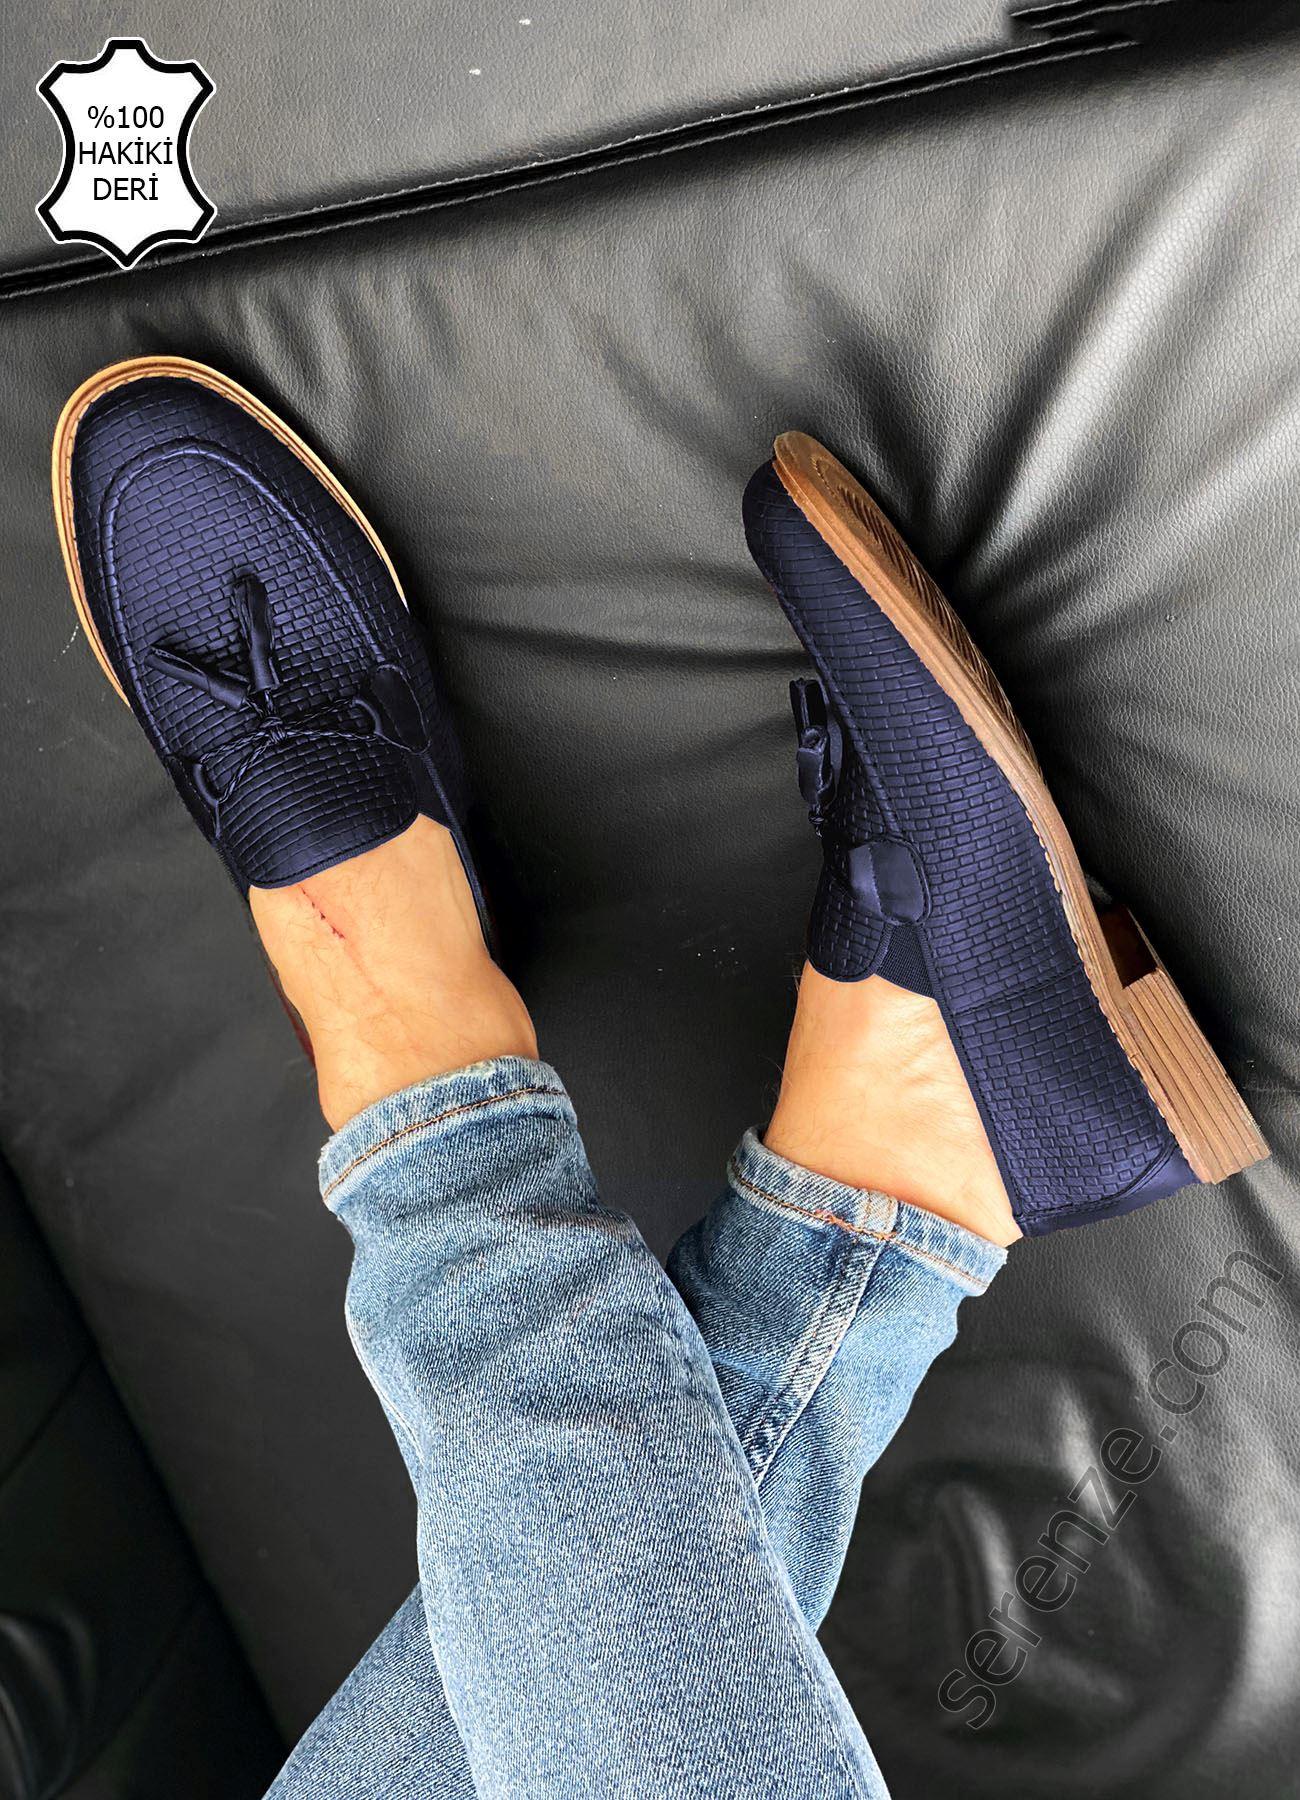 Lacivert Desenli Hakiki Deri Püsküllü Erkek Klasik Ayakkabı